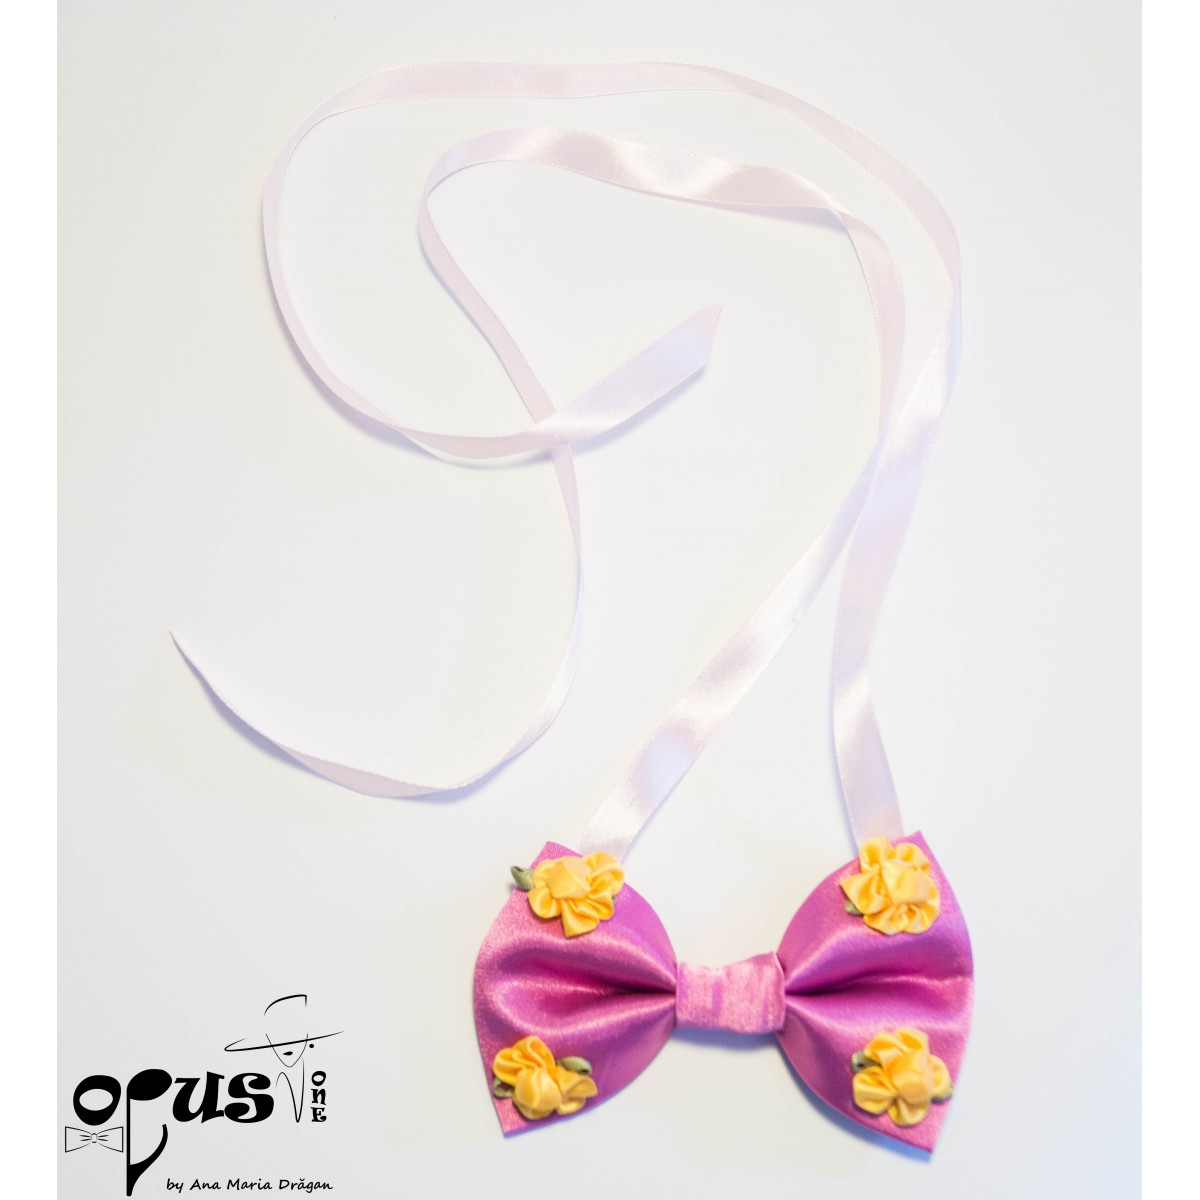 Papion Free-Tied Opus 03